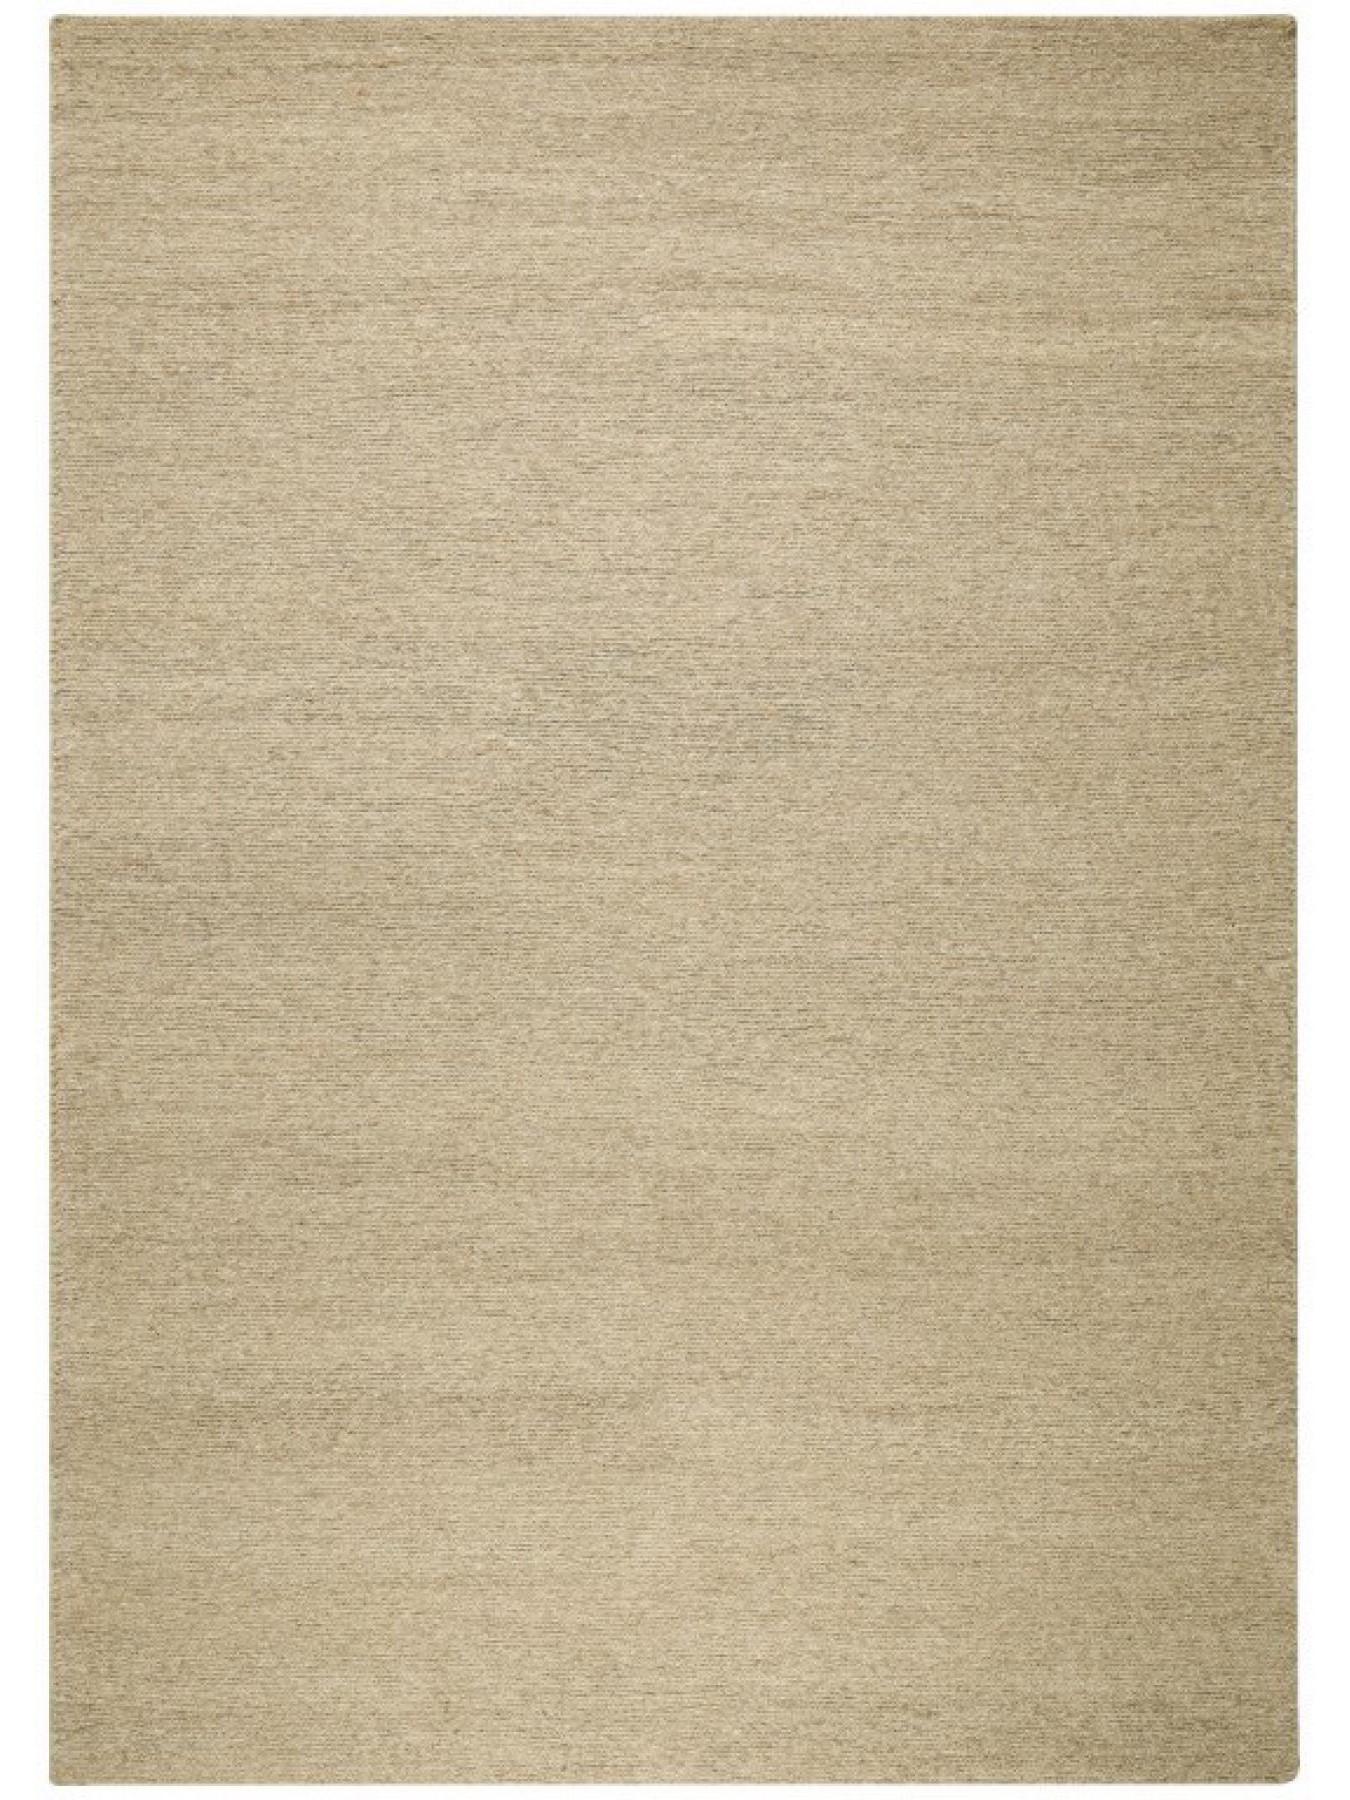 Kilims modernes - Kilim-406 001 taupe